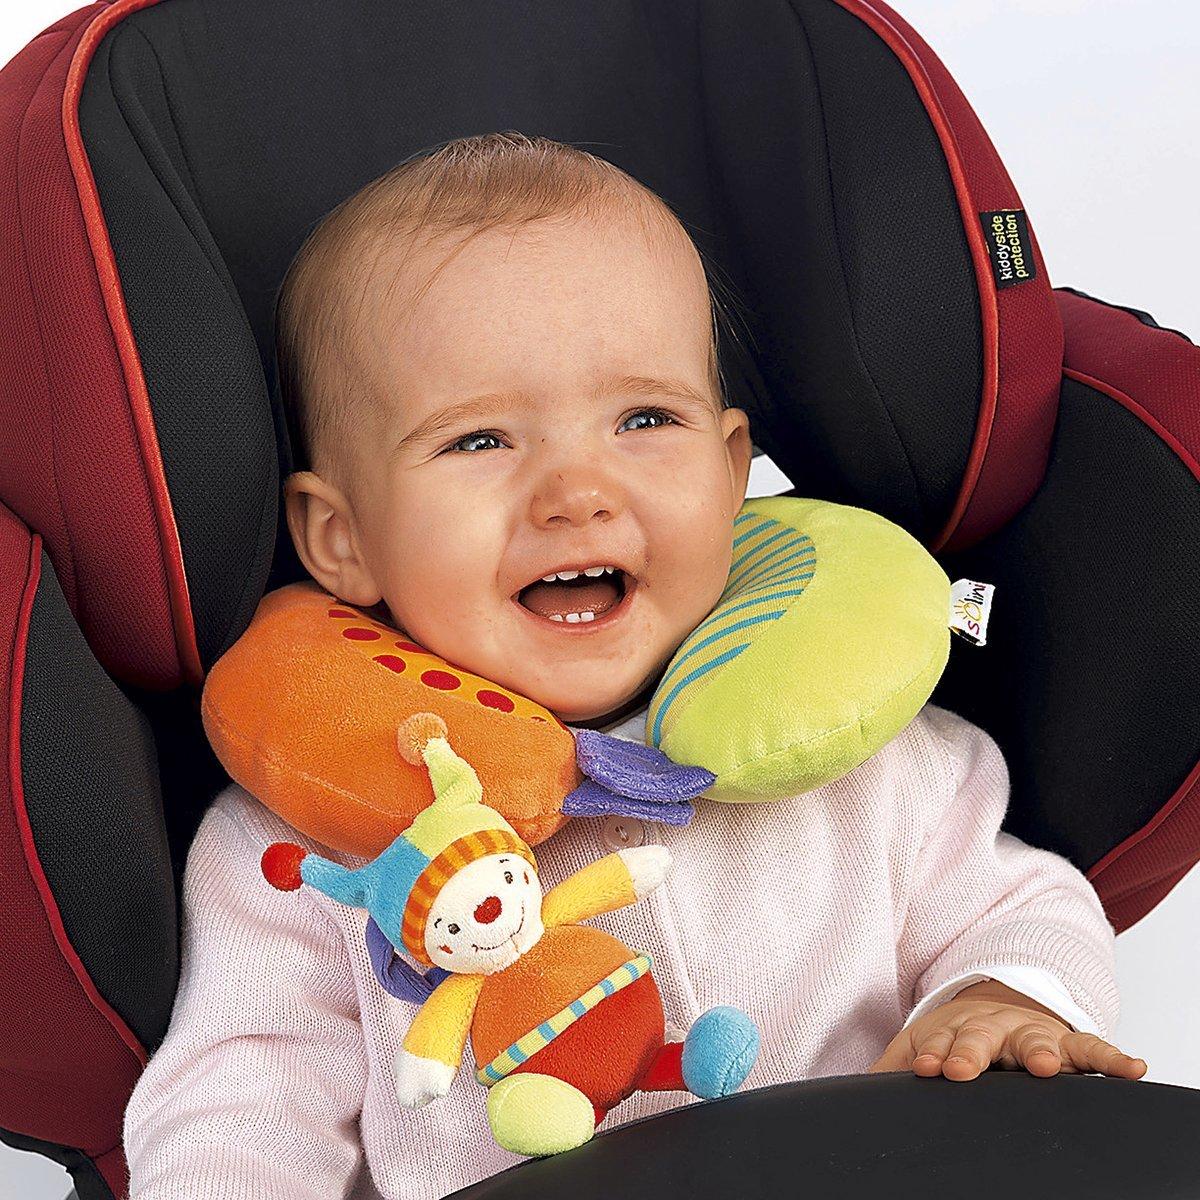 SOLINI Baby-Nackenst/ütze Clown Auto-Zubeh/ör Nackenrolle Nackenh/örnchen mehrfarbig